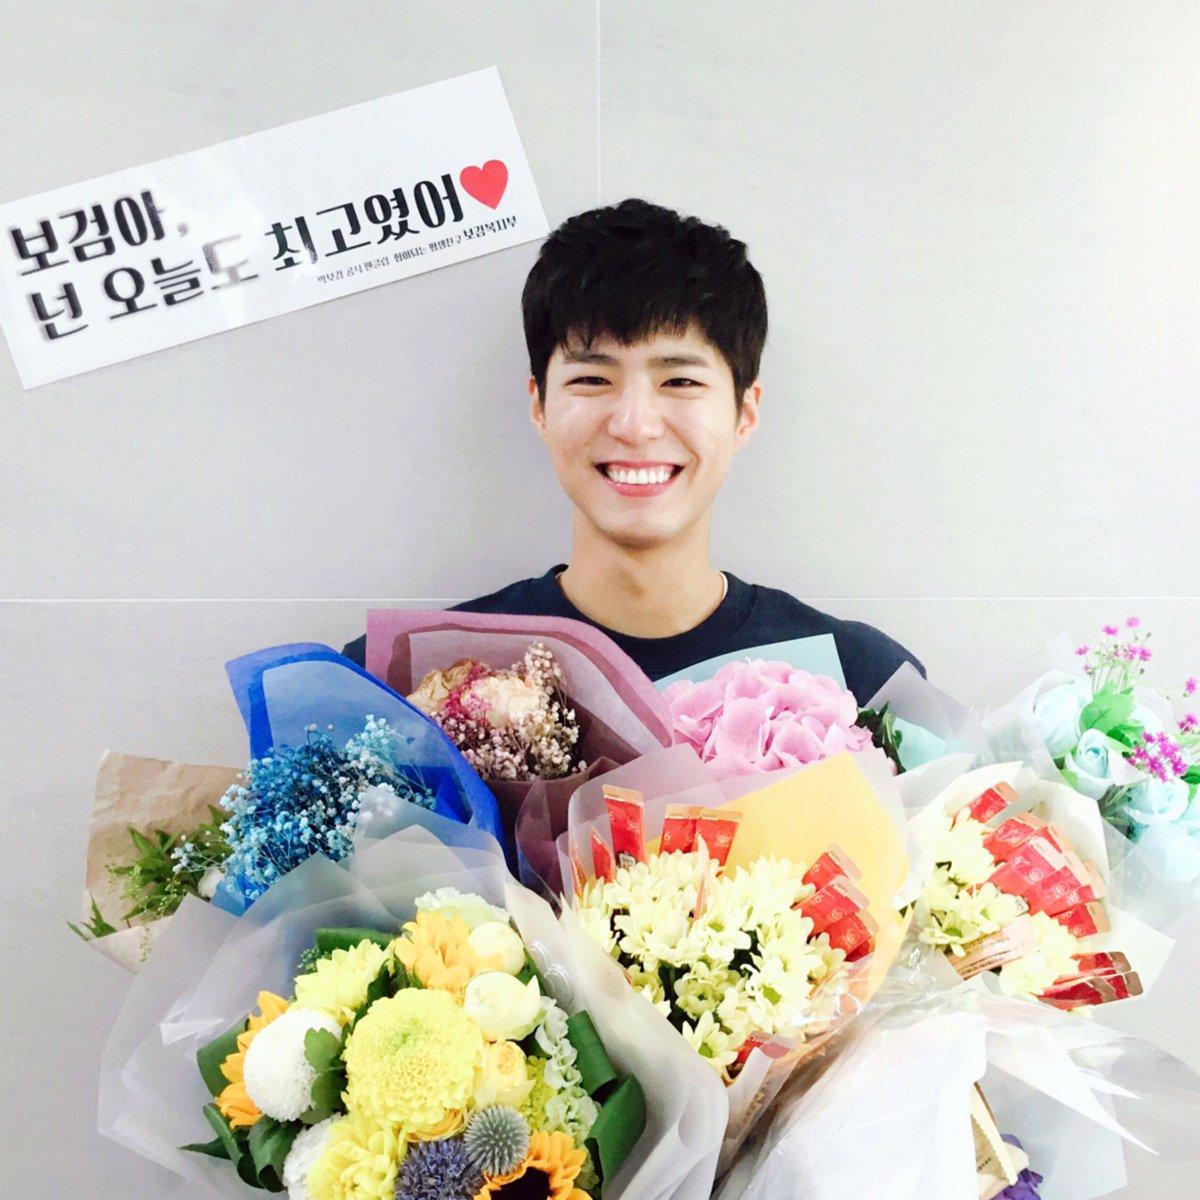 然而除了李鍾碩以外,擁有可愛臉蛋的朴寶劍,更是因為一張照片,被網友們稱為「完美撕漫男」?